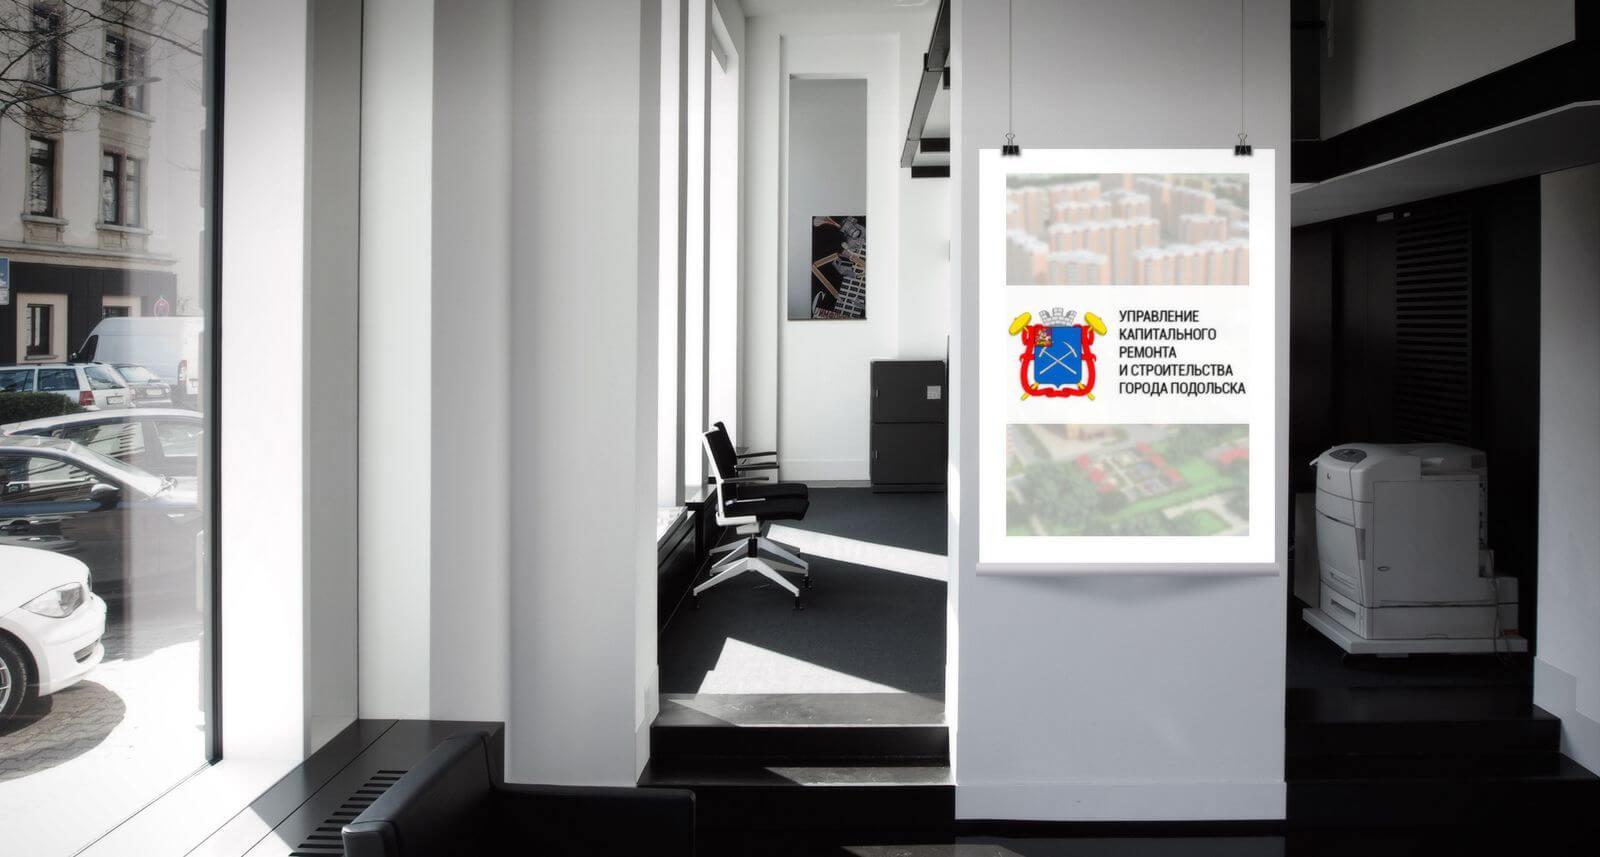 Студия Ракета приняла участие в тендере по размещению рекламы, для нужд МКП «УКРиС» города Подольск